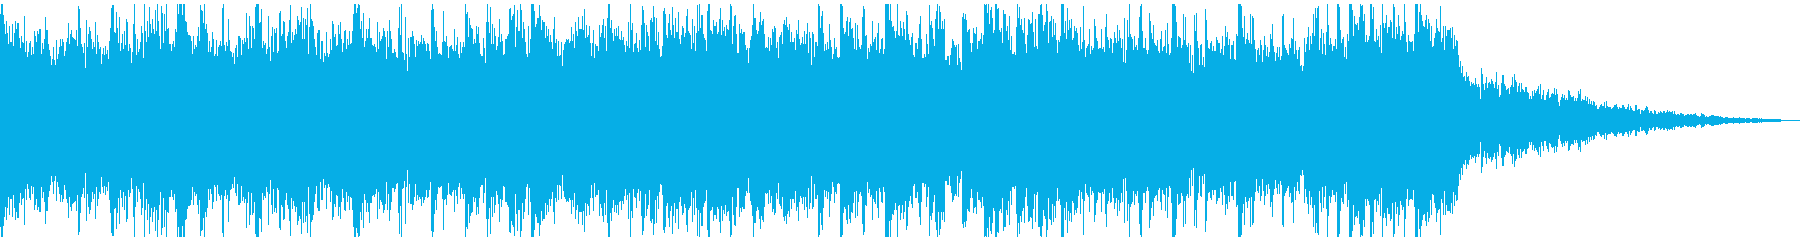 戦いゲーム、アニメ予告、最後verBの再生済みの波形